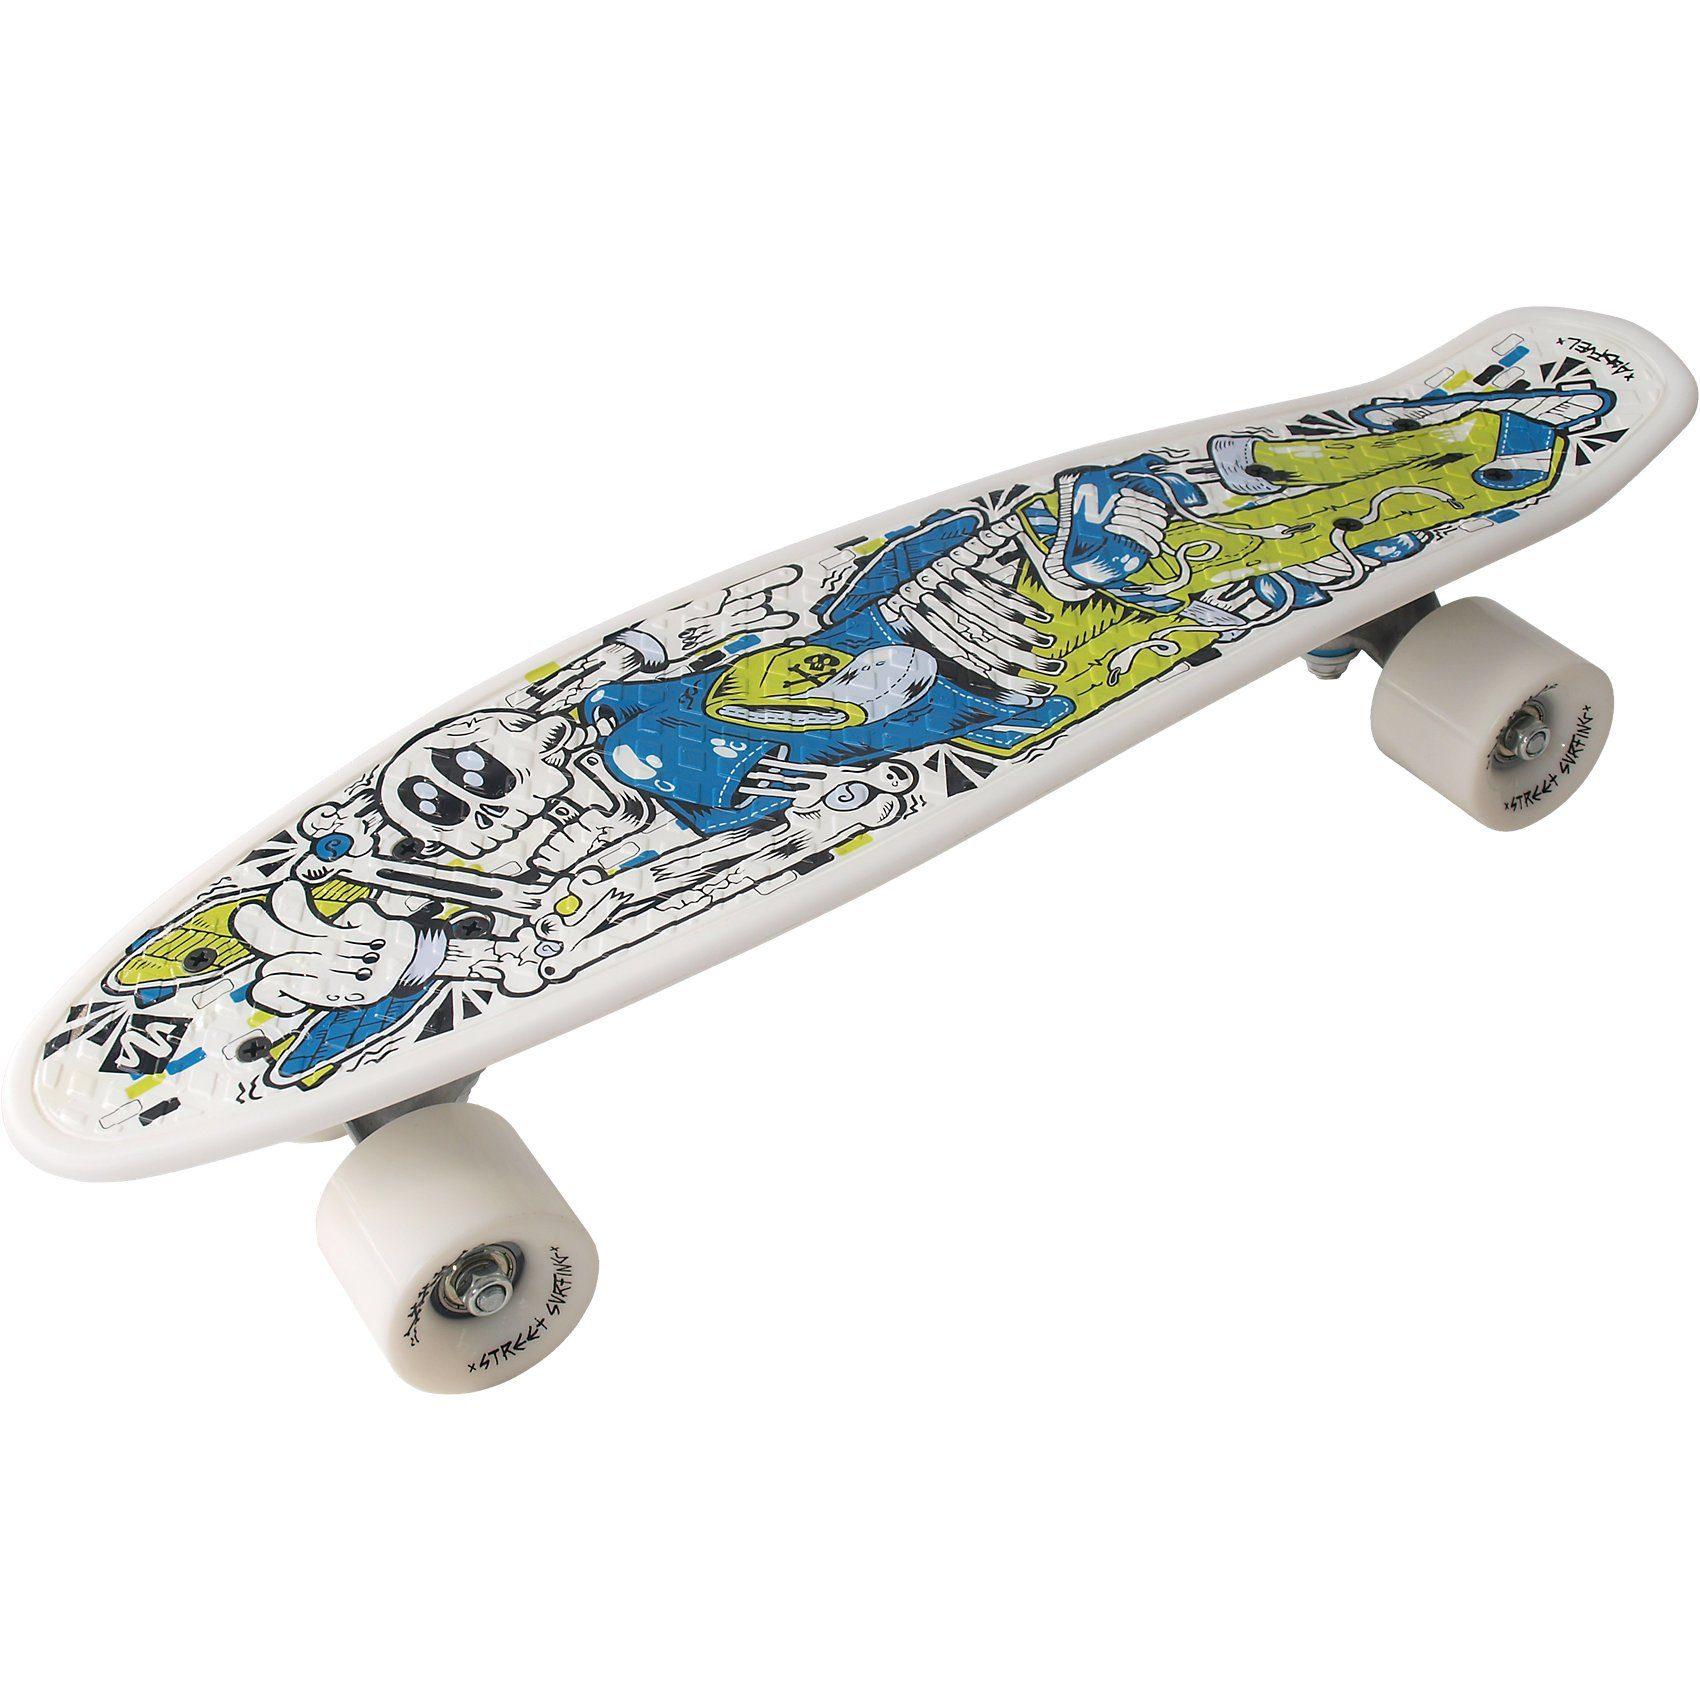 Streetsurfing ® Beach Board / Fuel Board - Skelectron